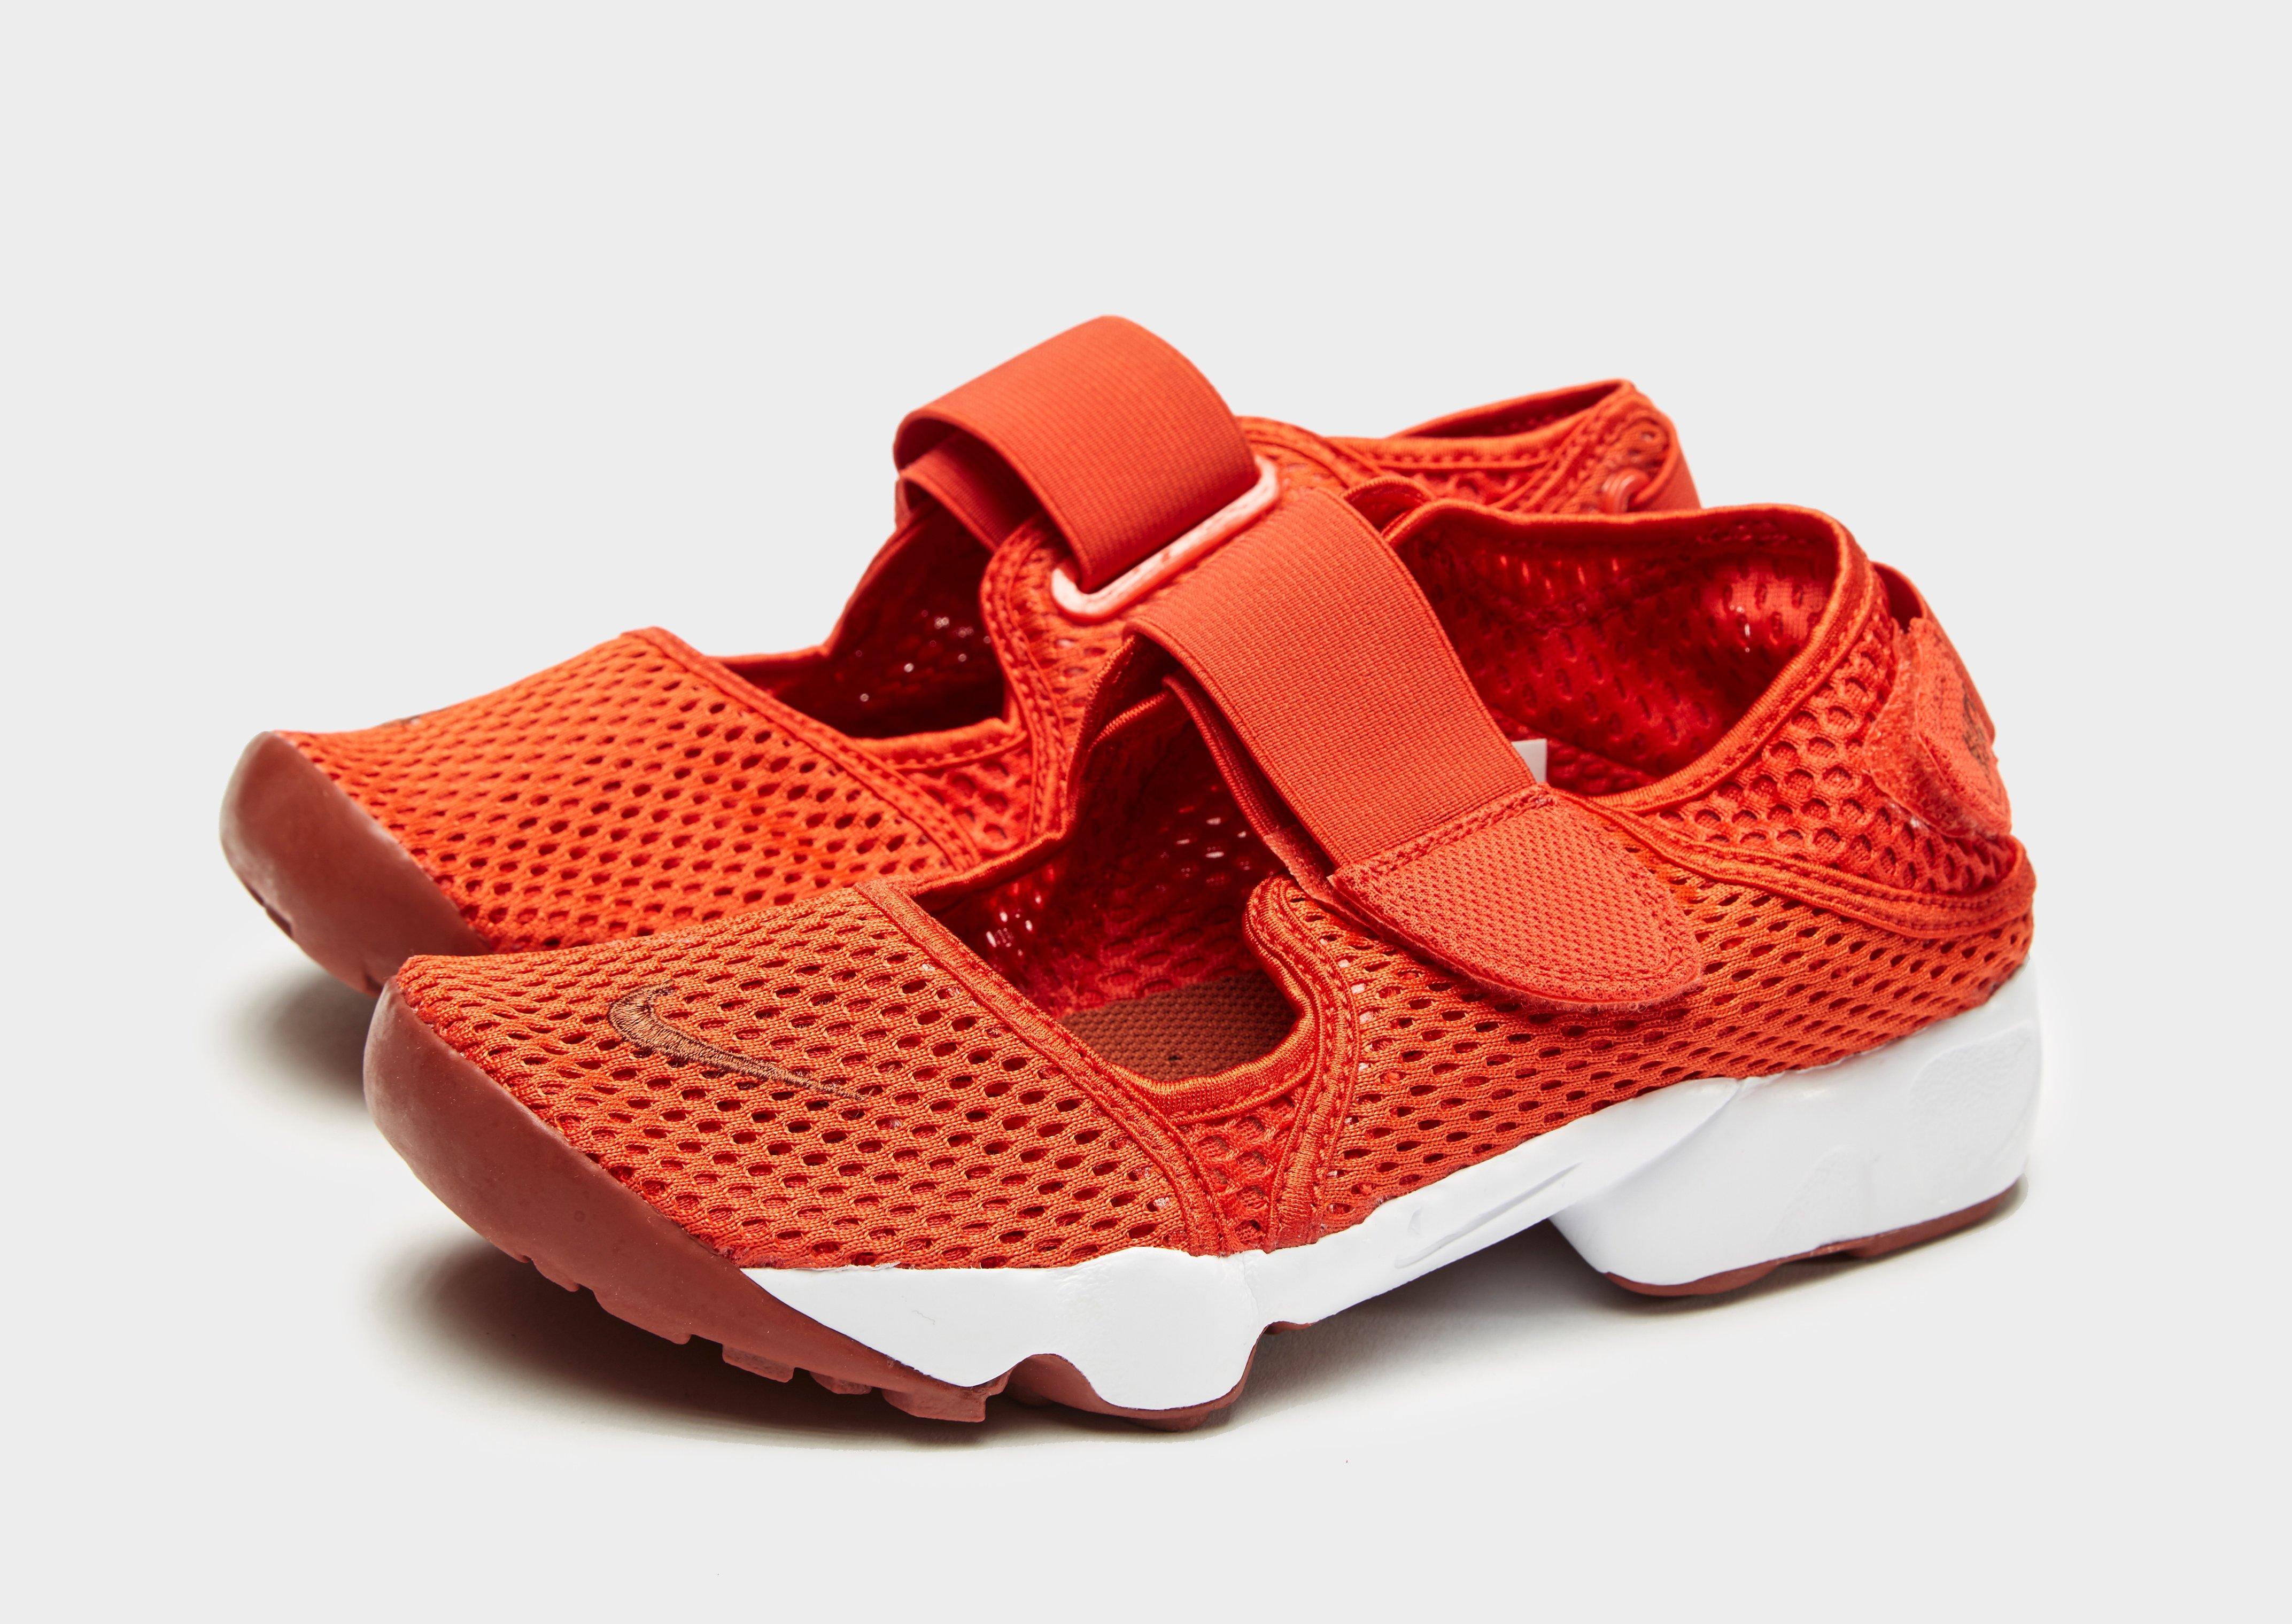 50cc1e91e0f Nike Magista Unboxing Badminton Shoes Sale